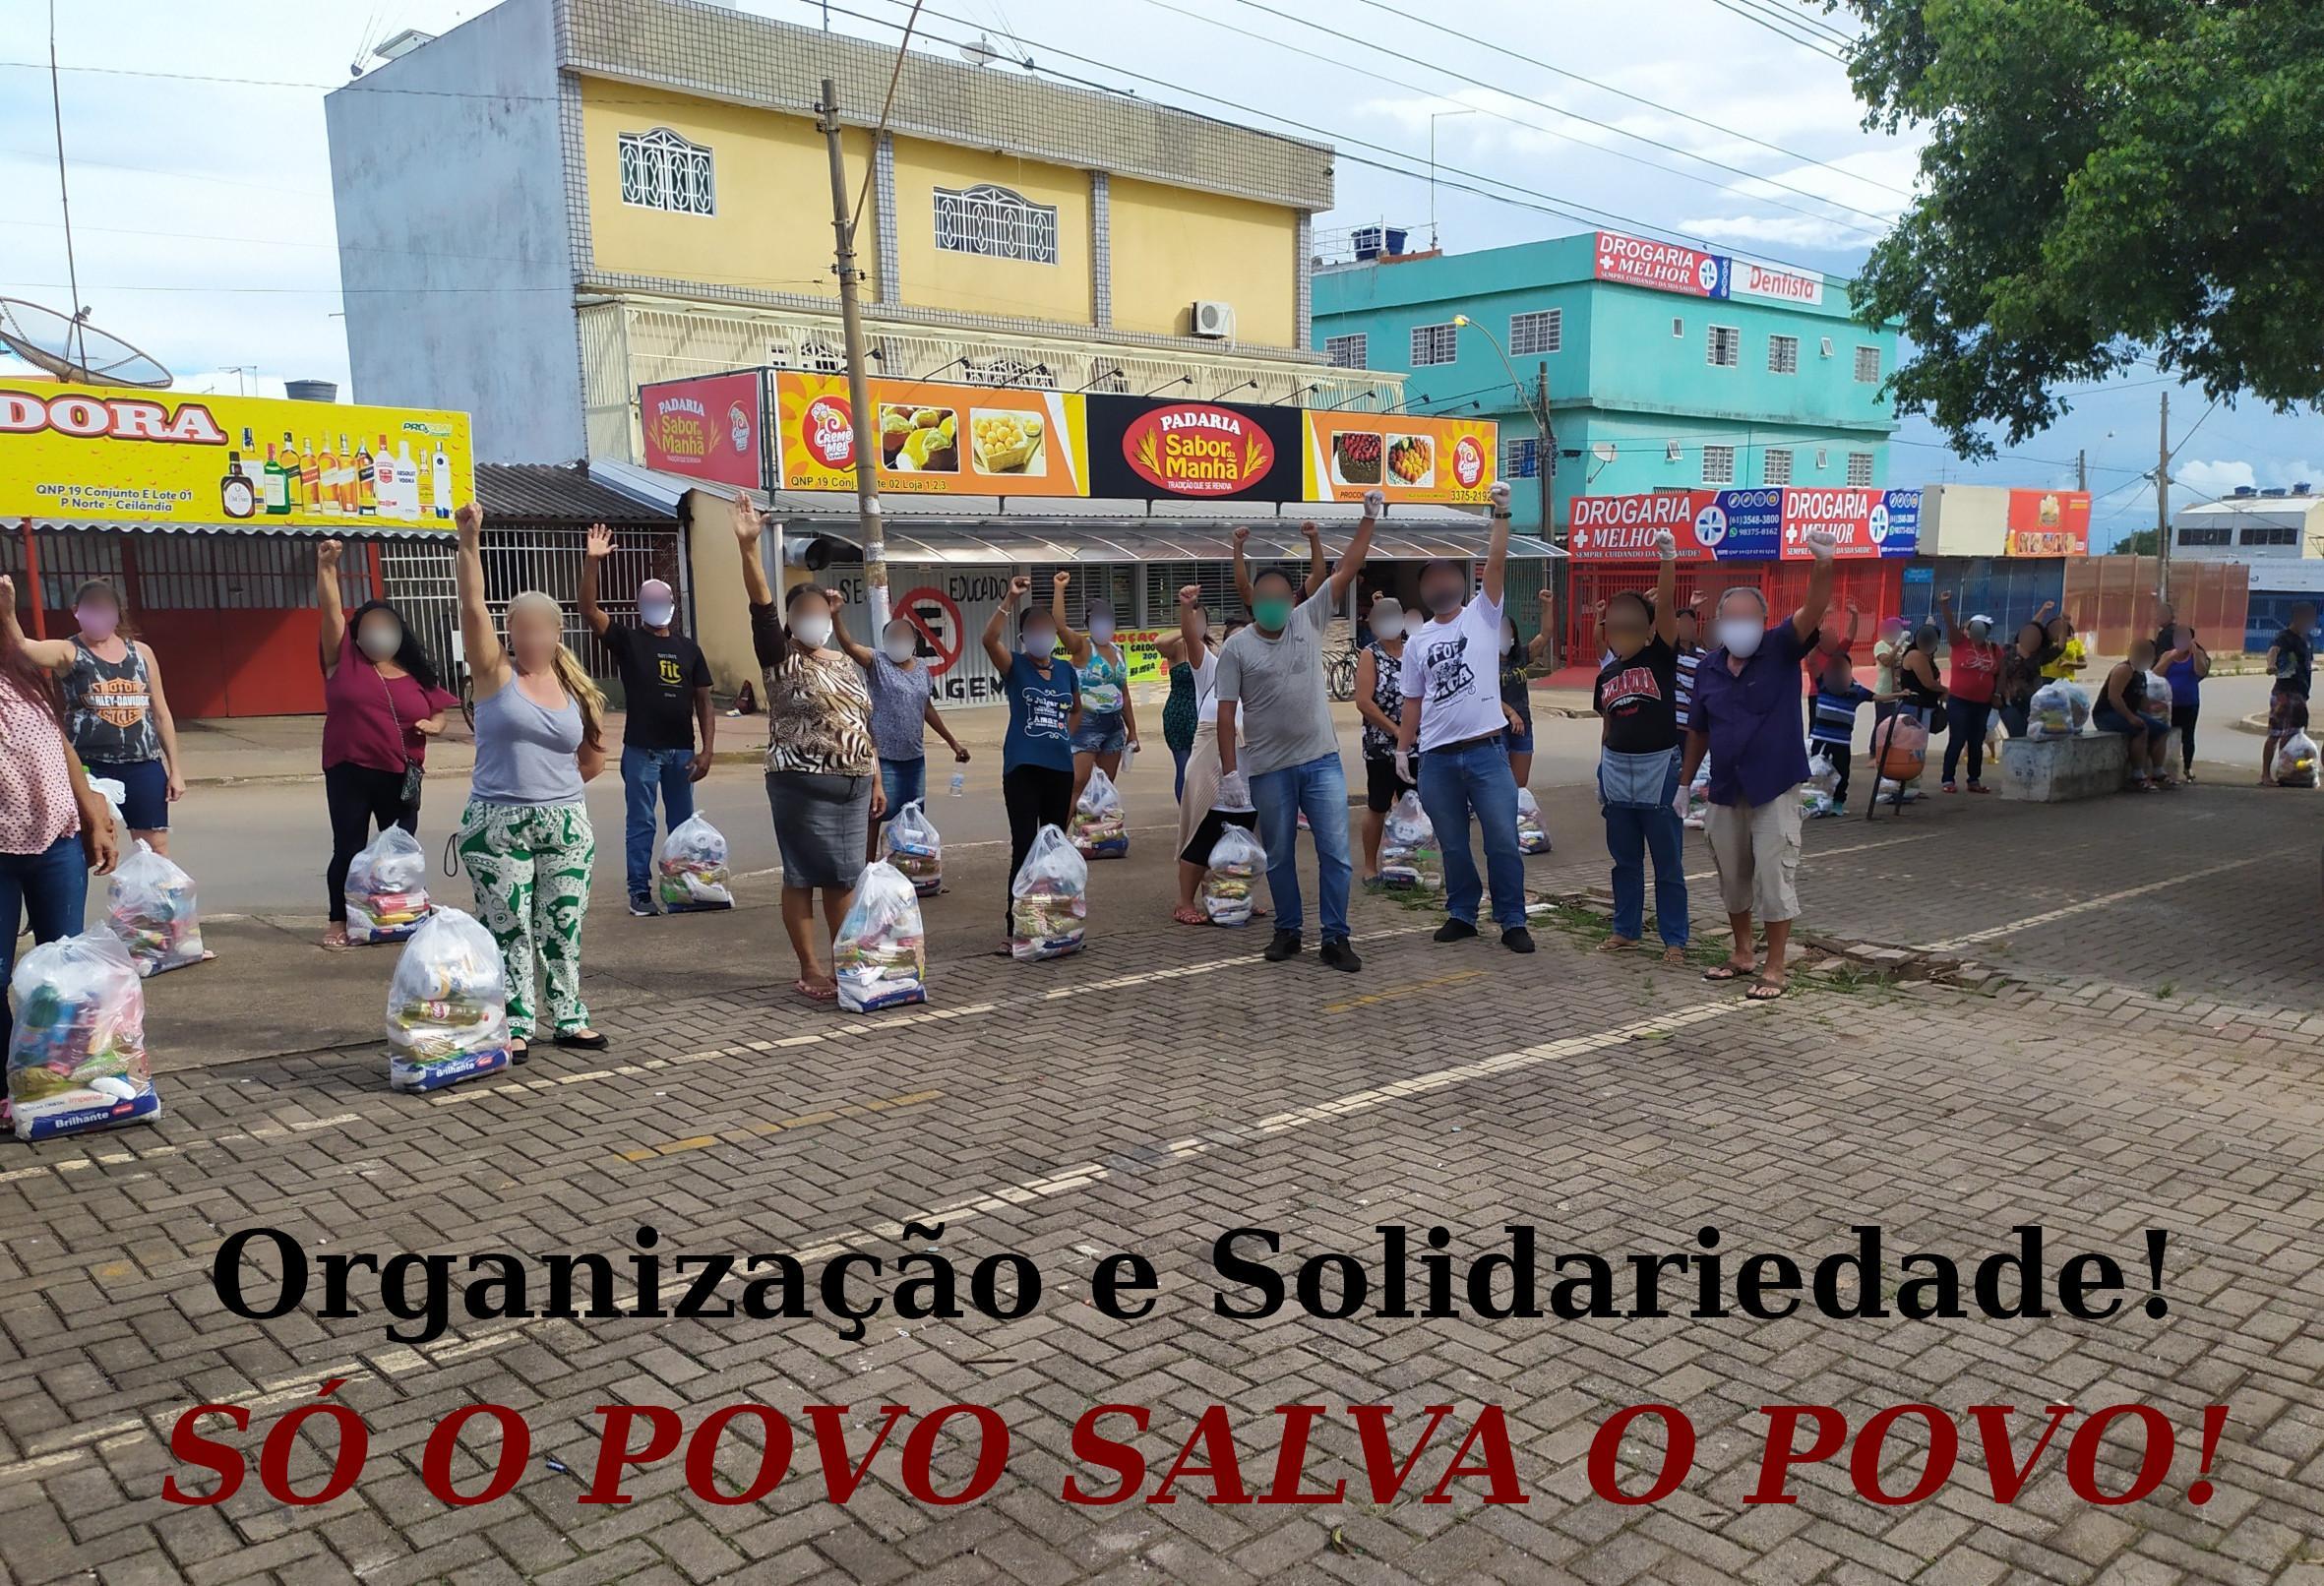 Mutirão de solidariedade às famílias sem-teto no DF